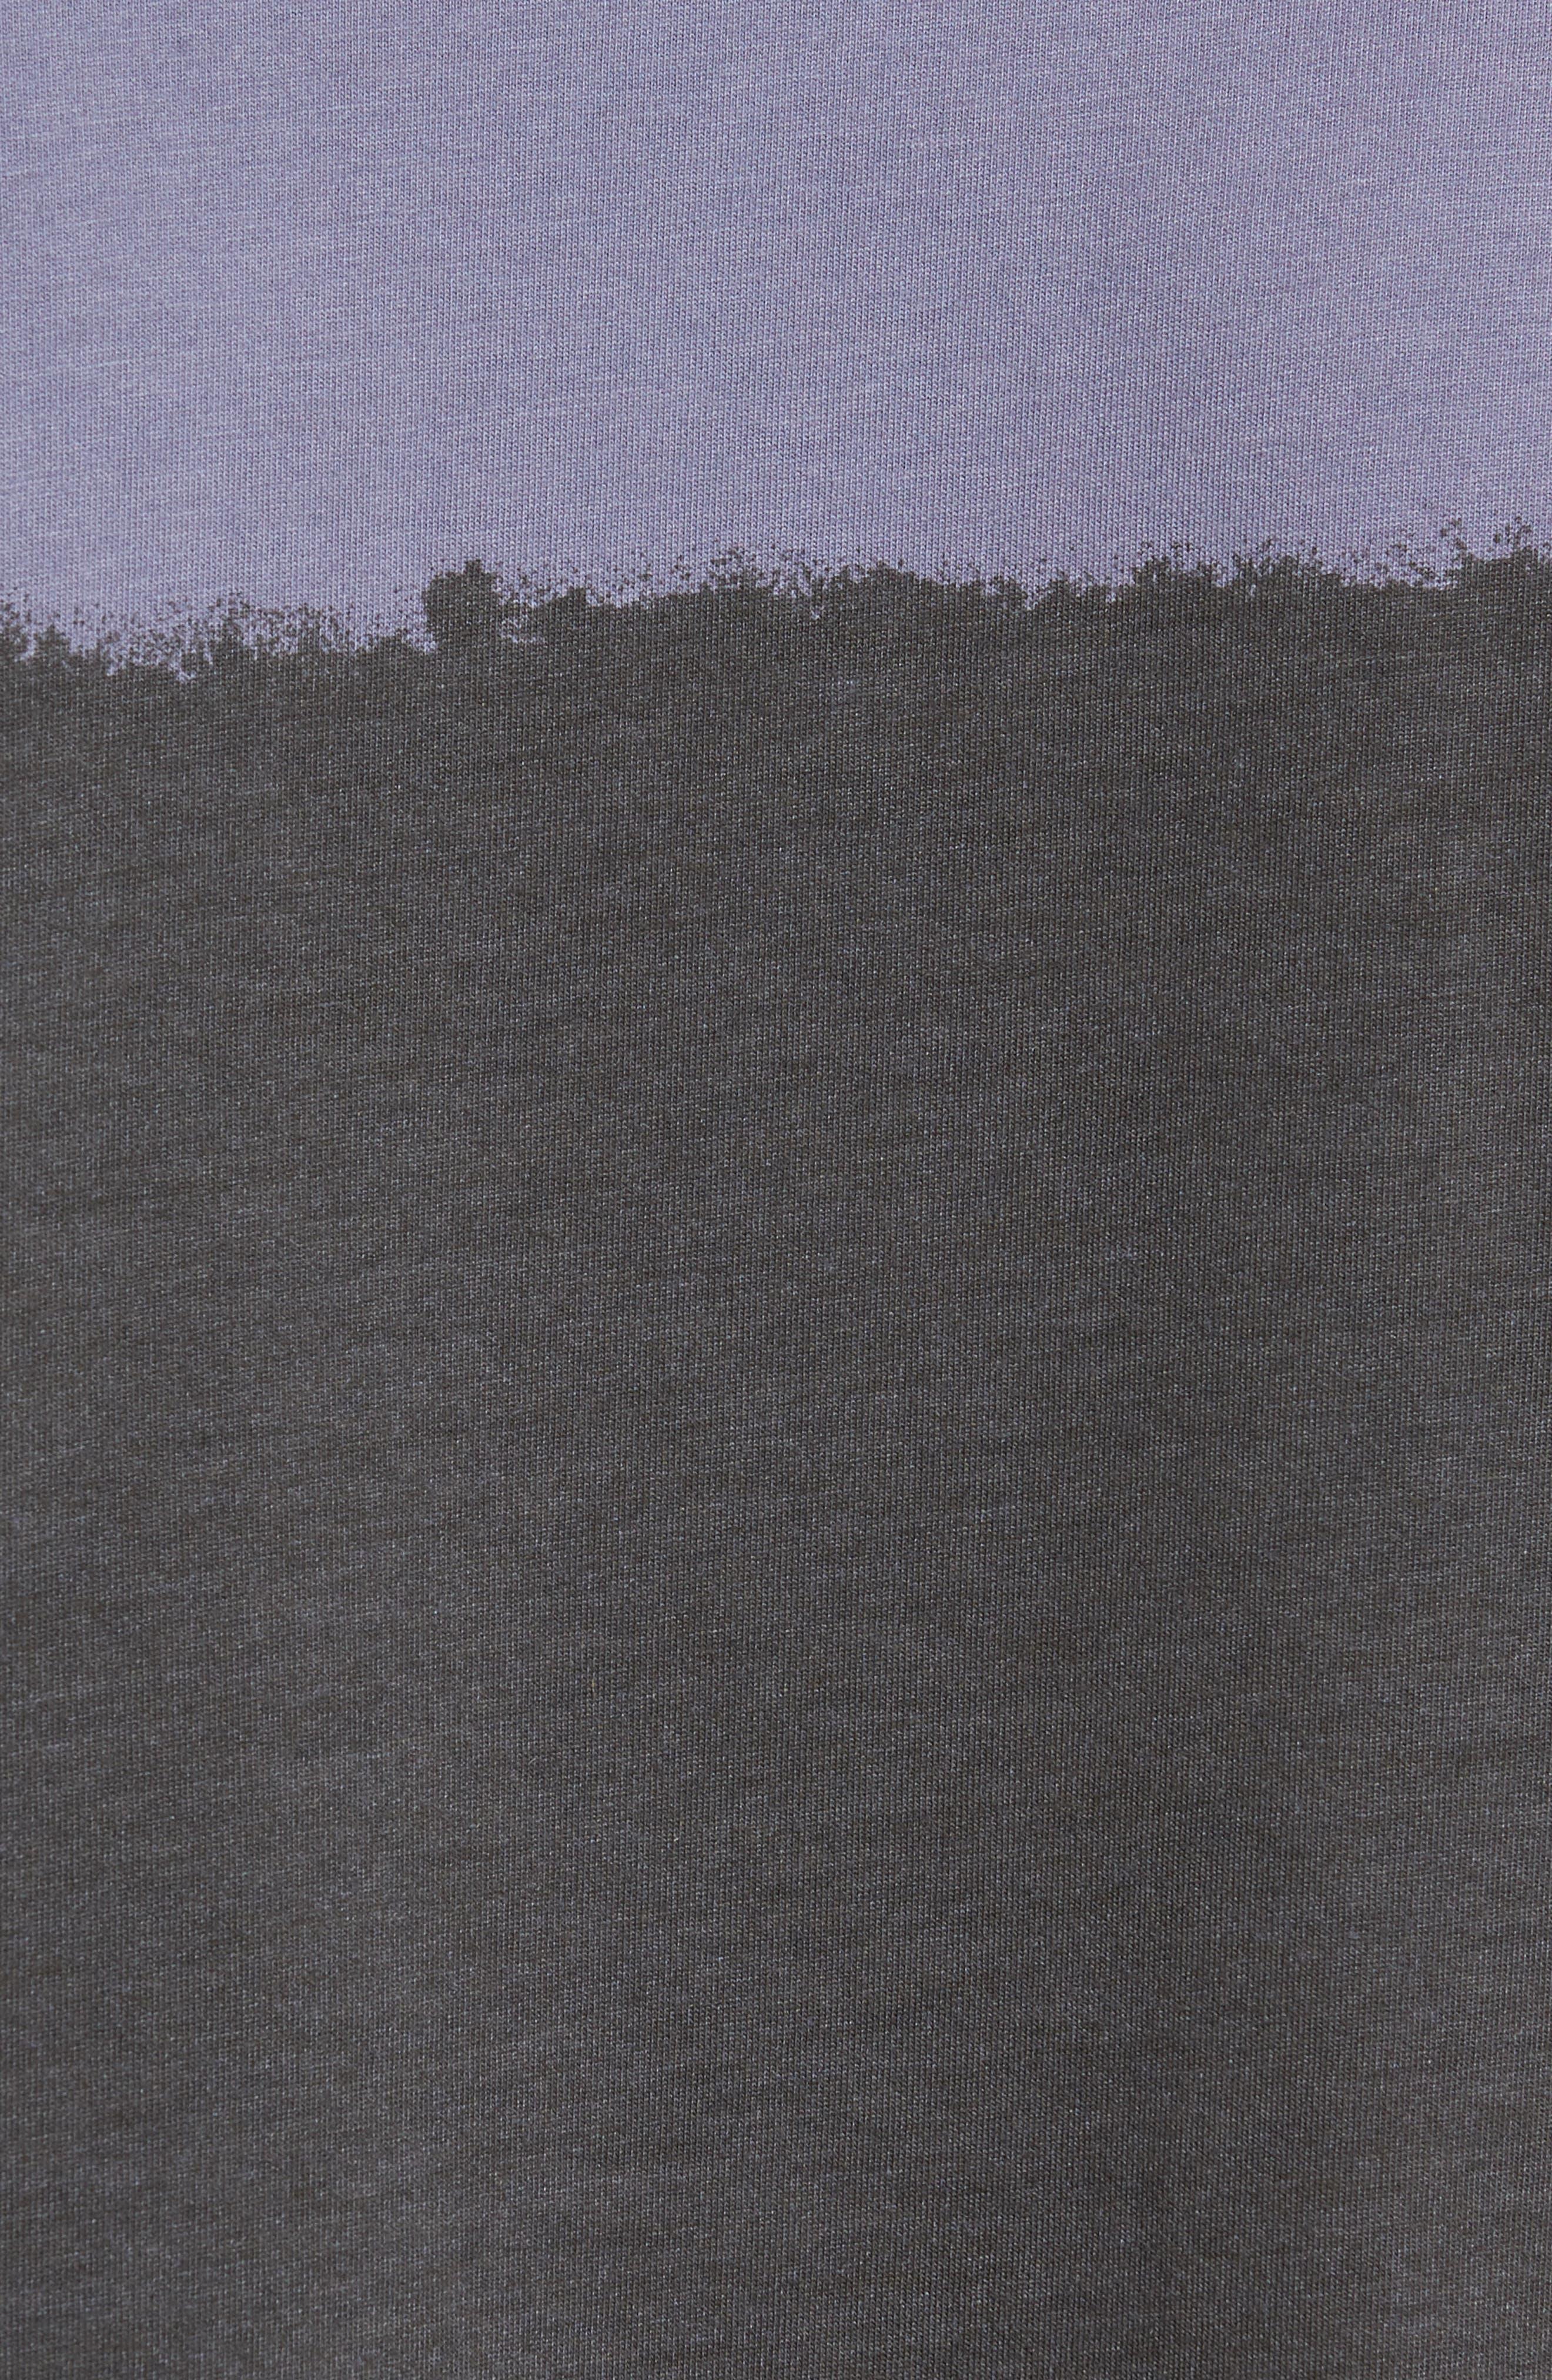 Dri-FIT Erosion Shirt,                             Alternate thumbnail 5, color,                             060